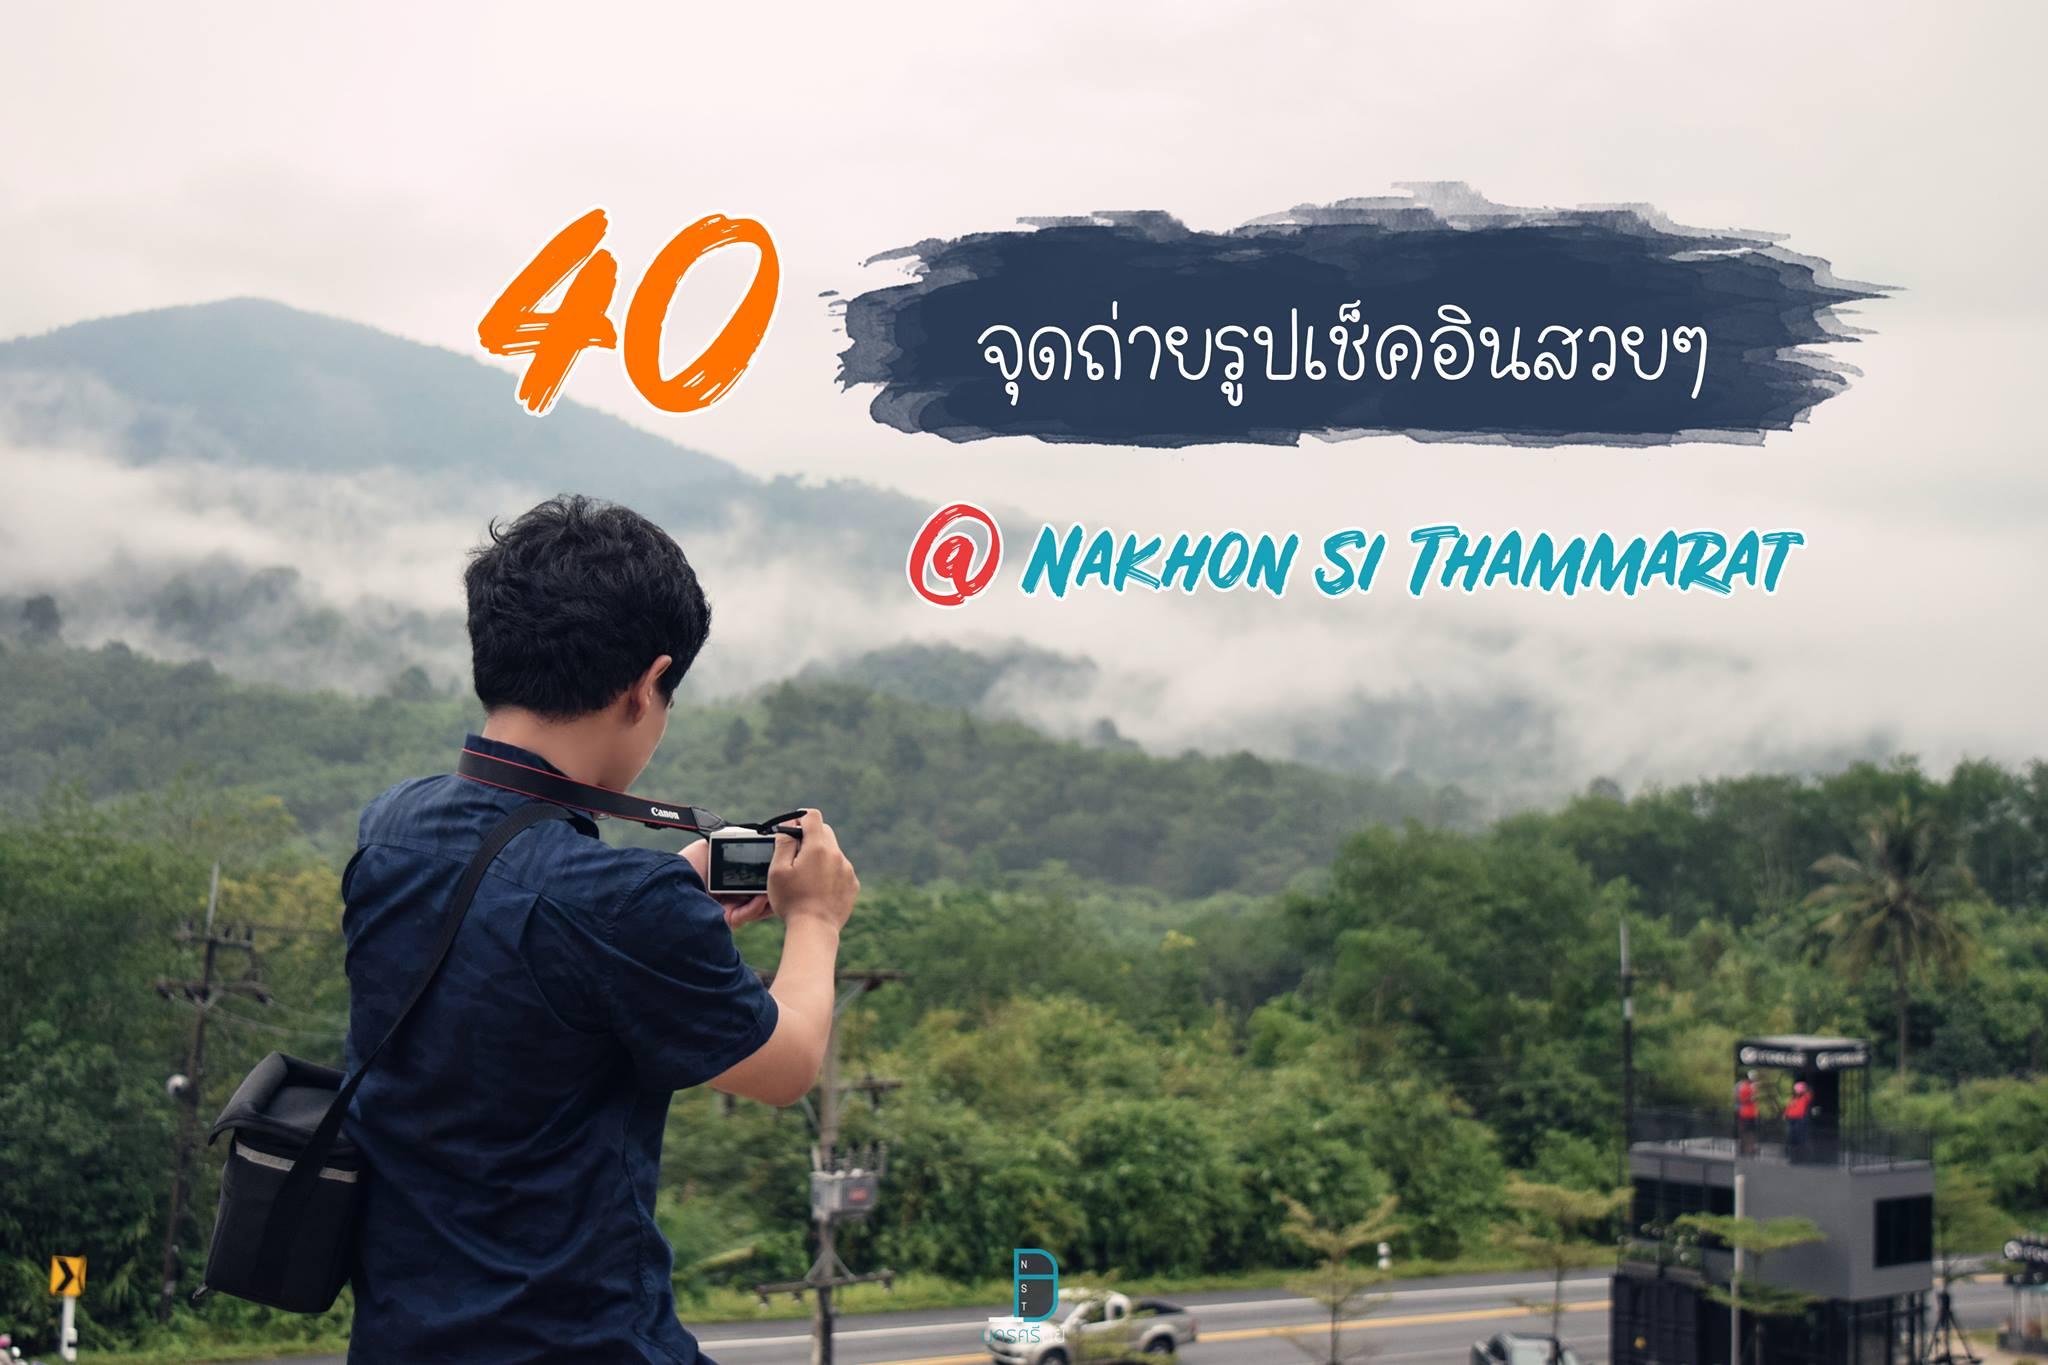 40 จุดถ่ายรูปเช็คอินสวยๆ at นครศรีธรรมราช นครศรีดีย์